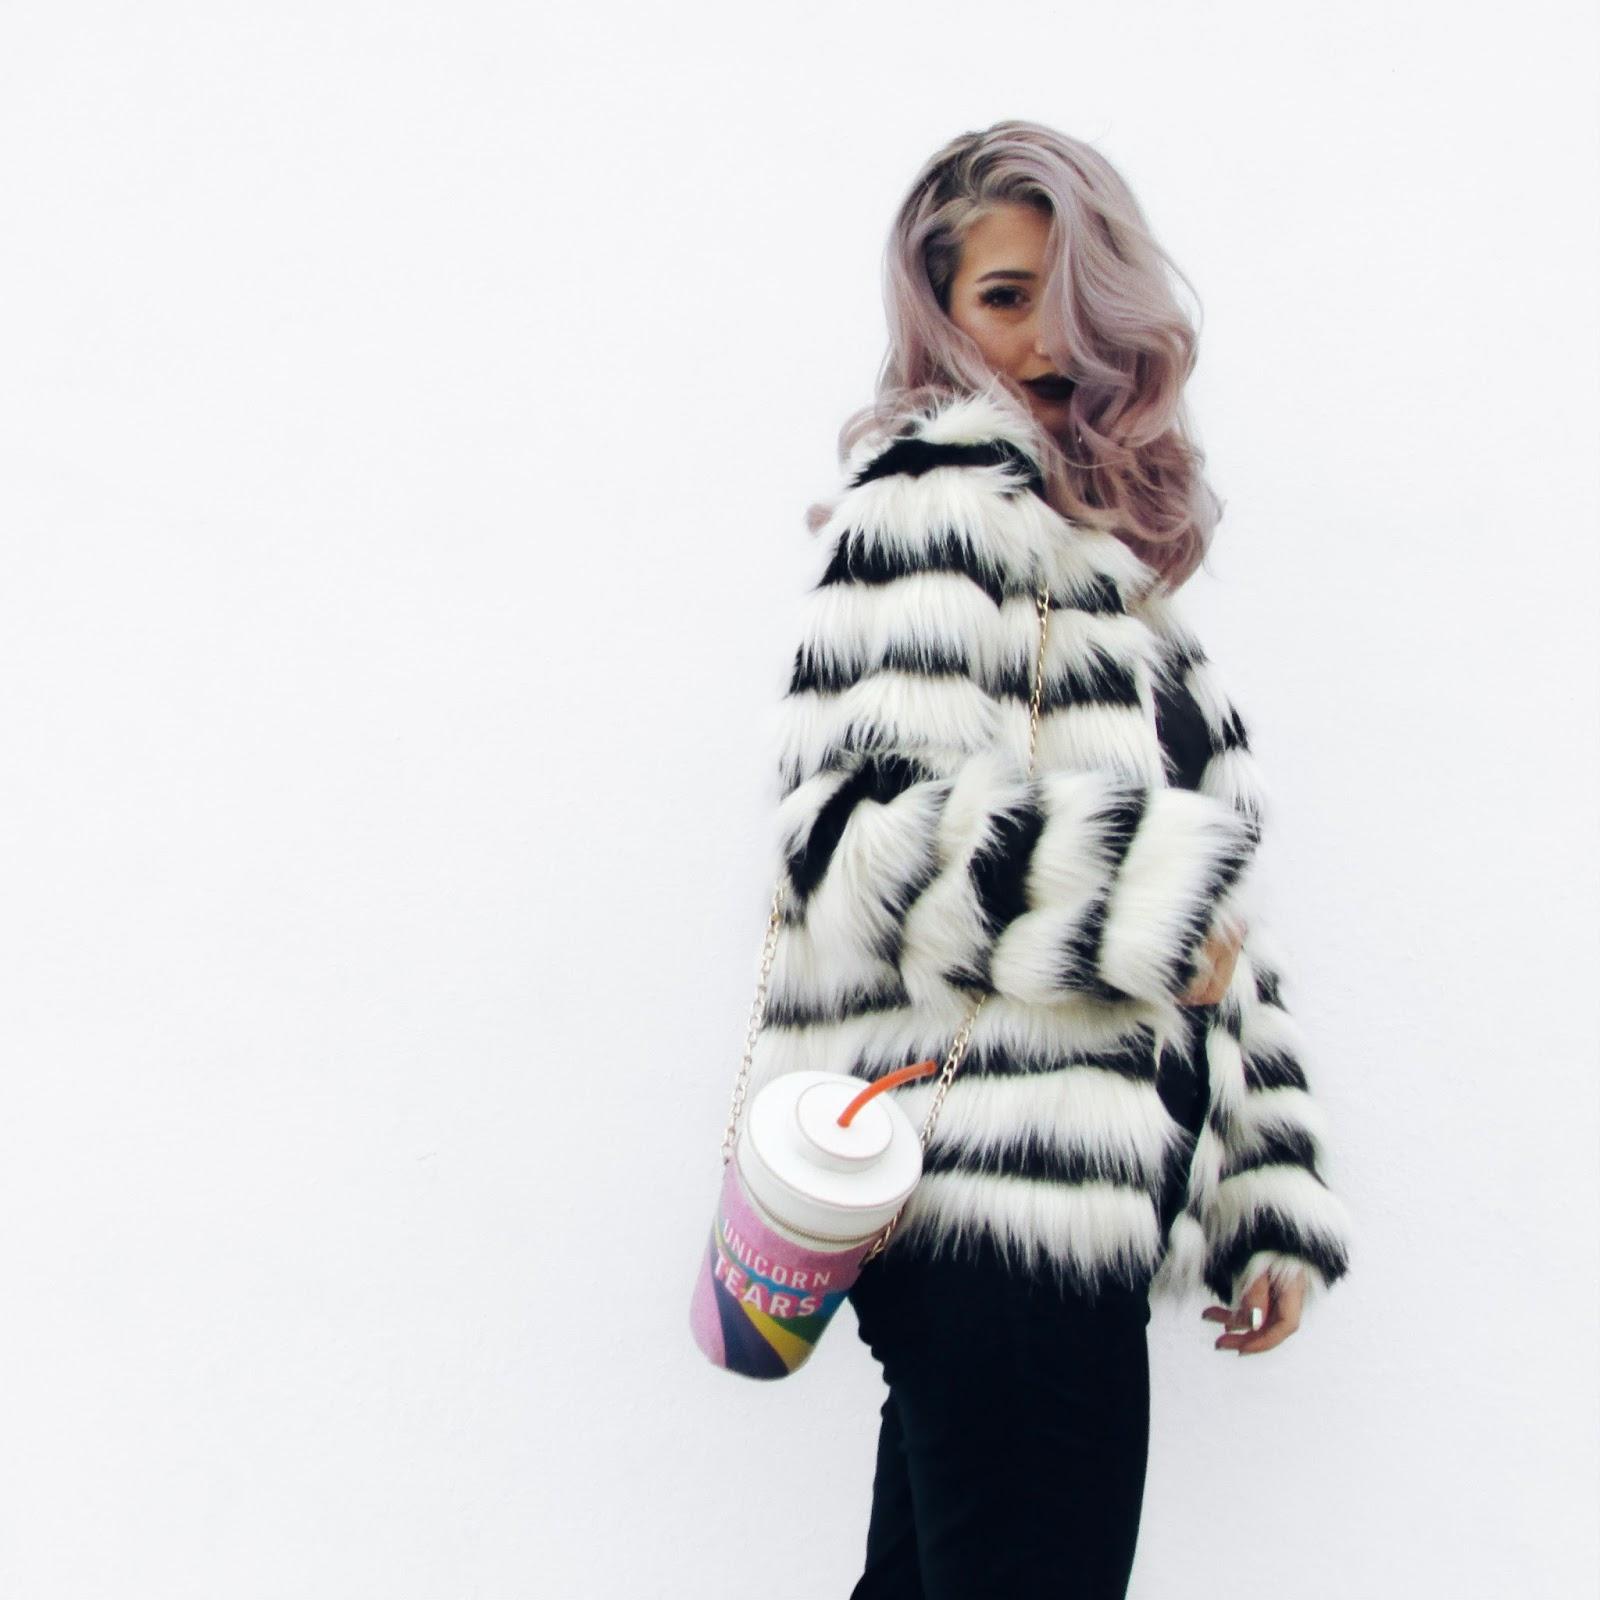 greek fashion bloggers